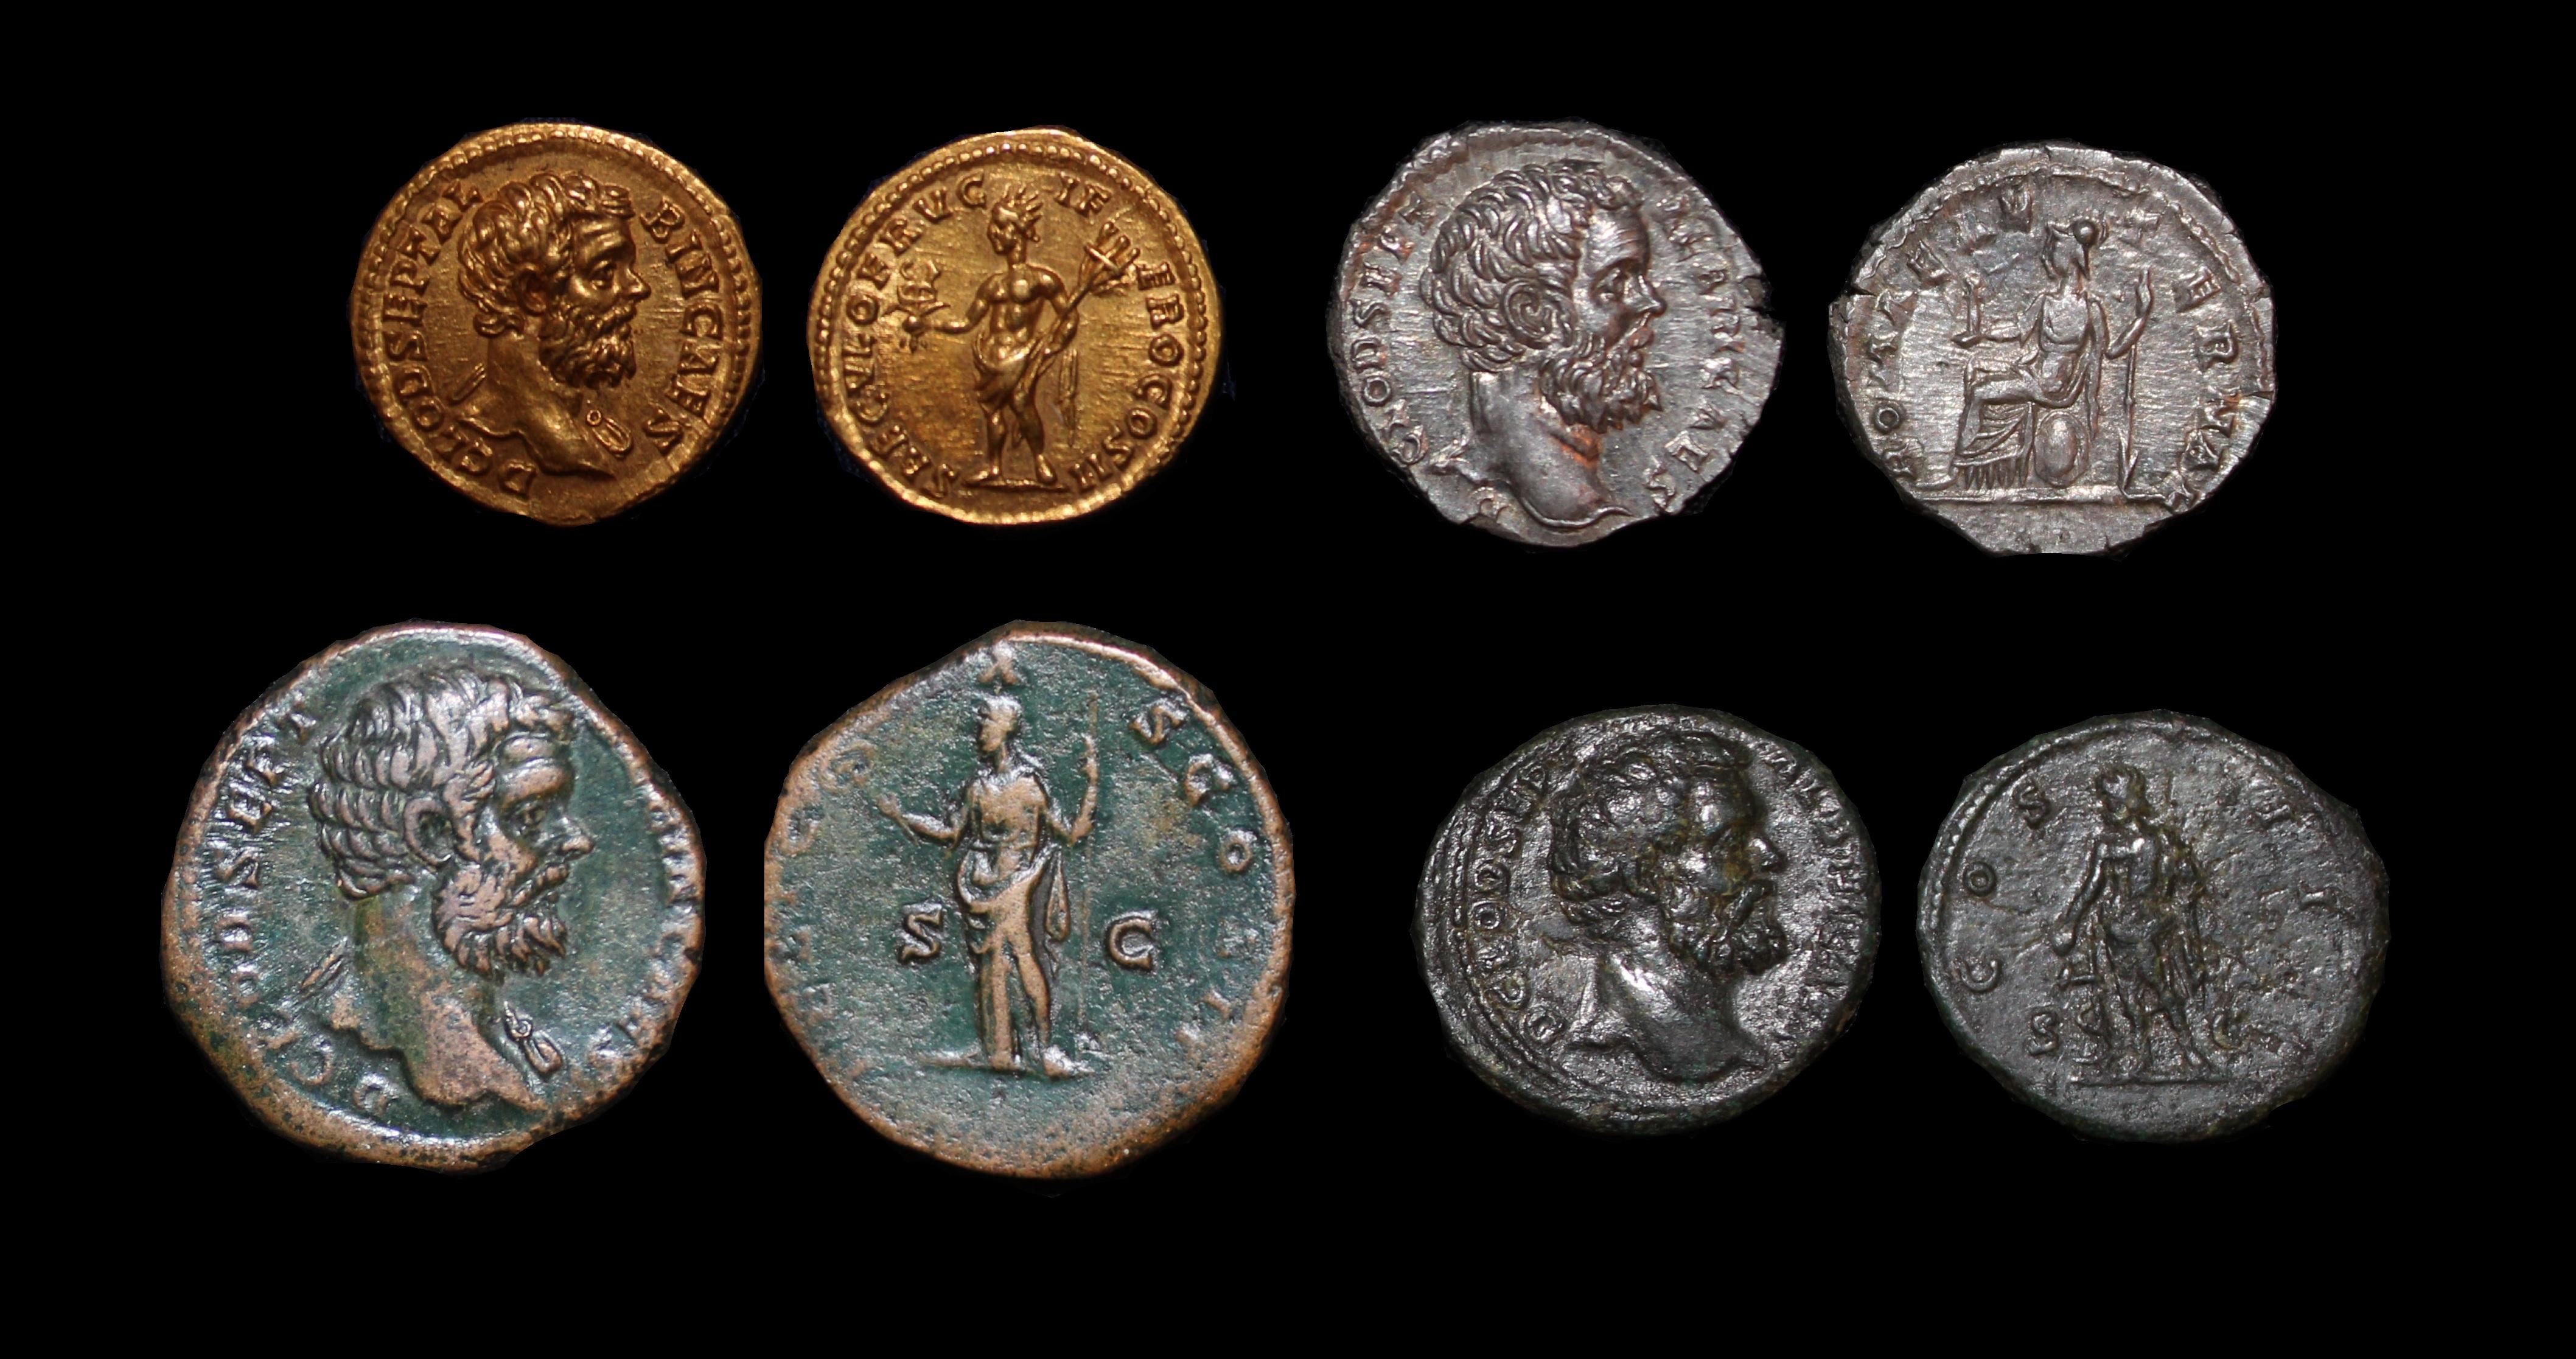 Claudius Albinus Caesar Denominations